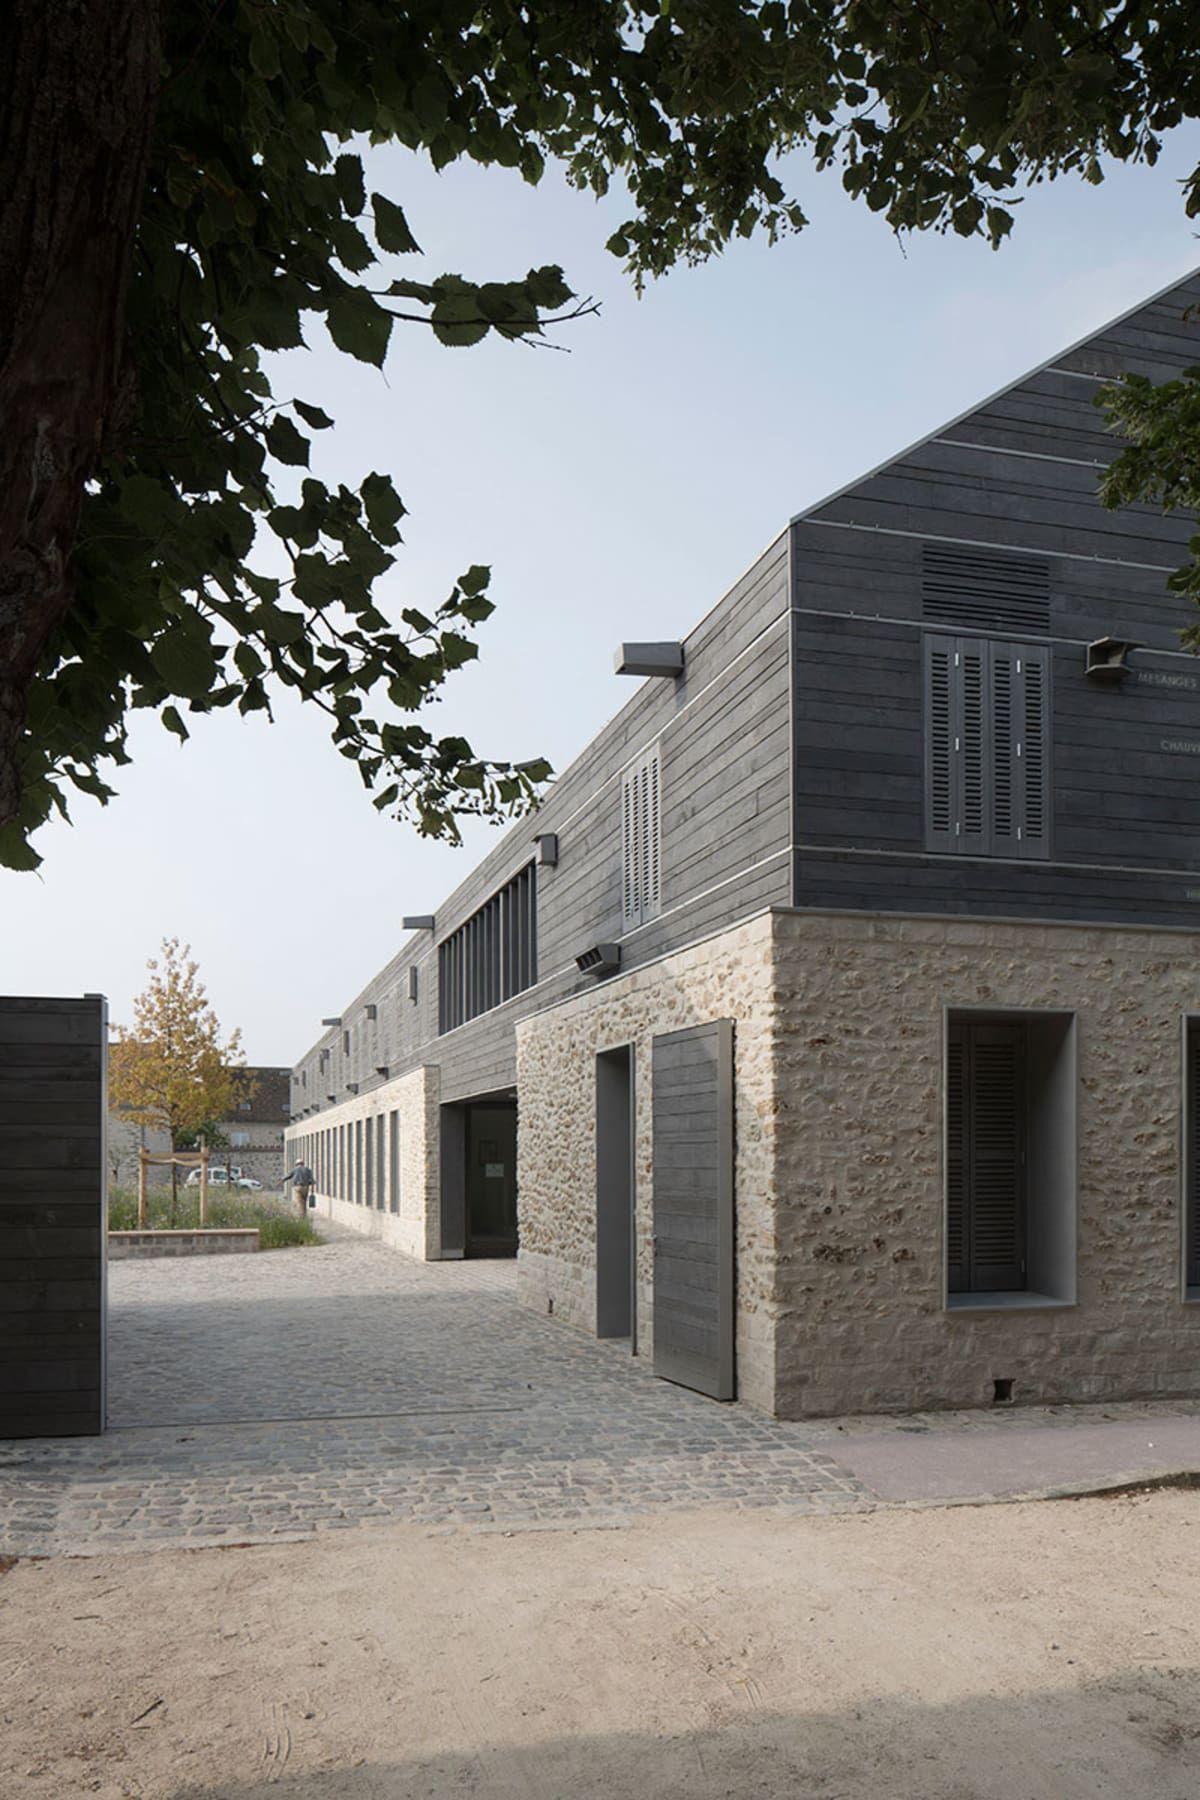 joly loiret michel denanc maison du parc naturel regional du gatinais fran ais. Black Bedroom Furniture Sets. Home Design Ideas